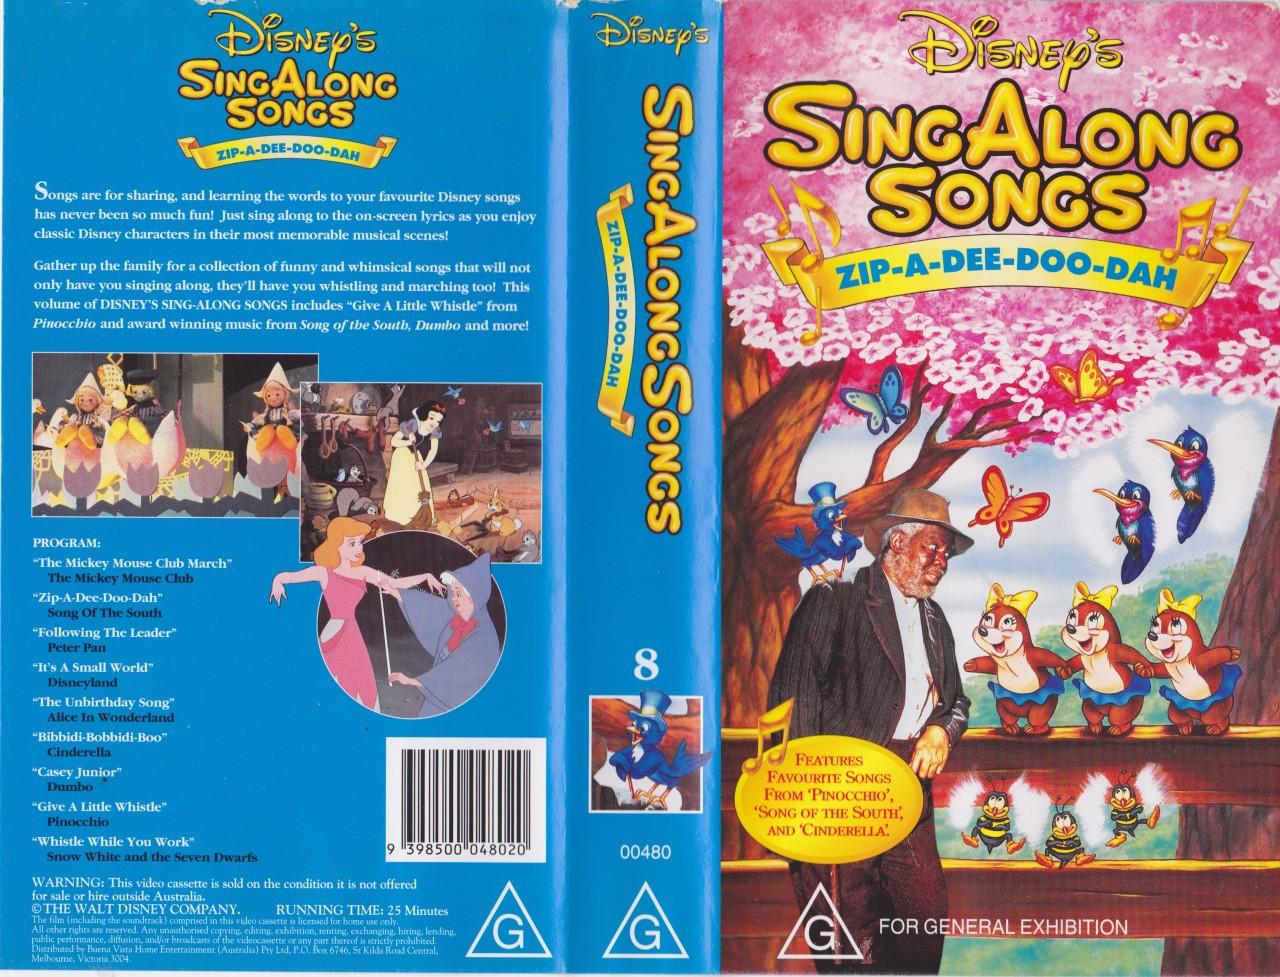 SING ALONG SONG Zip A Dee Doo Dah Number 8 Vhs Pal Video A Rare Find